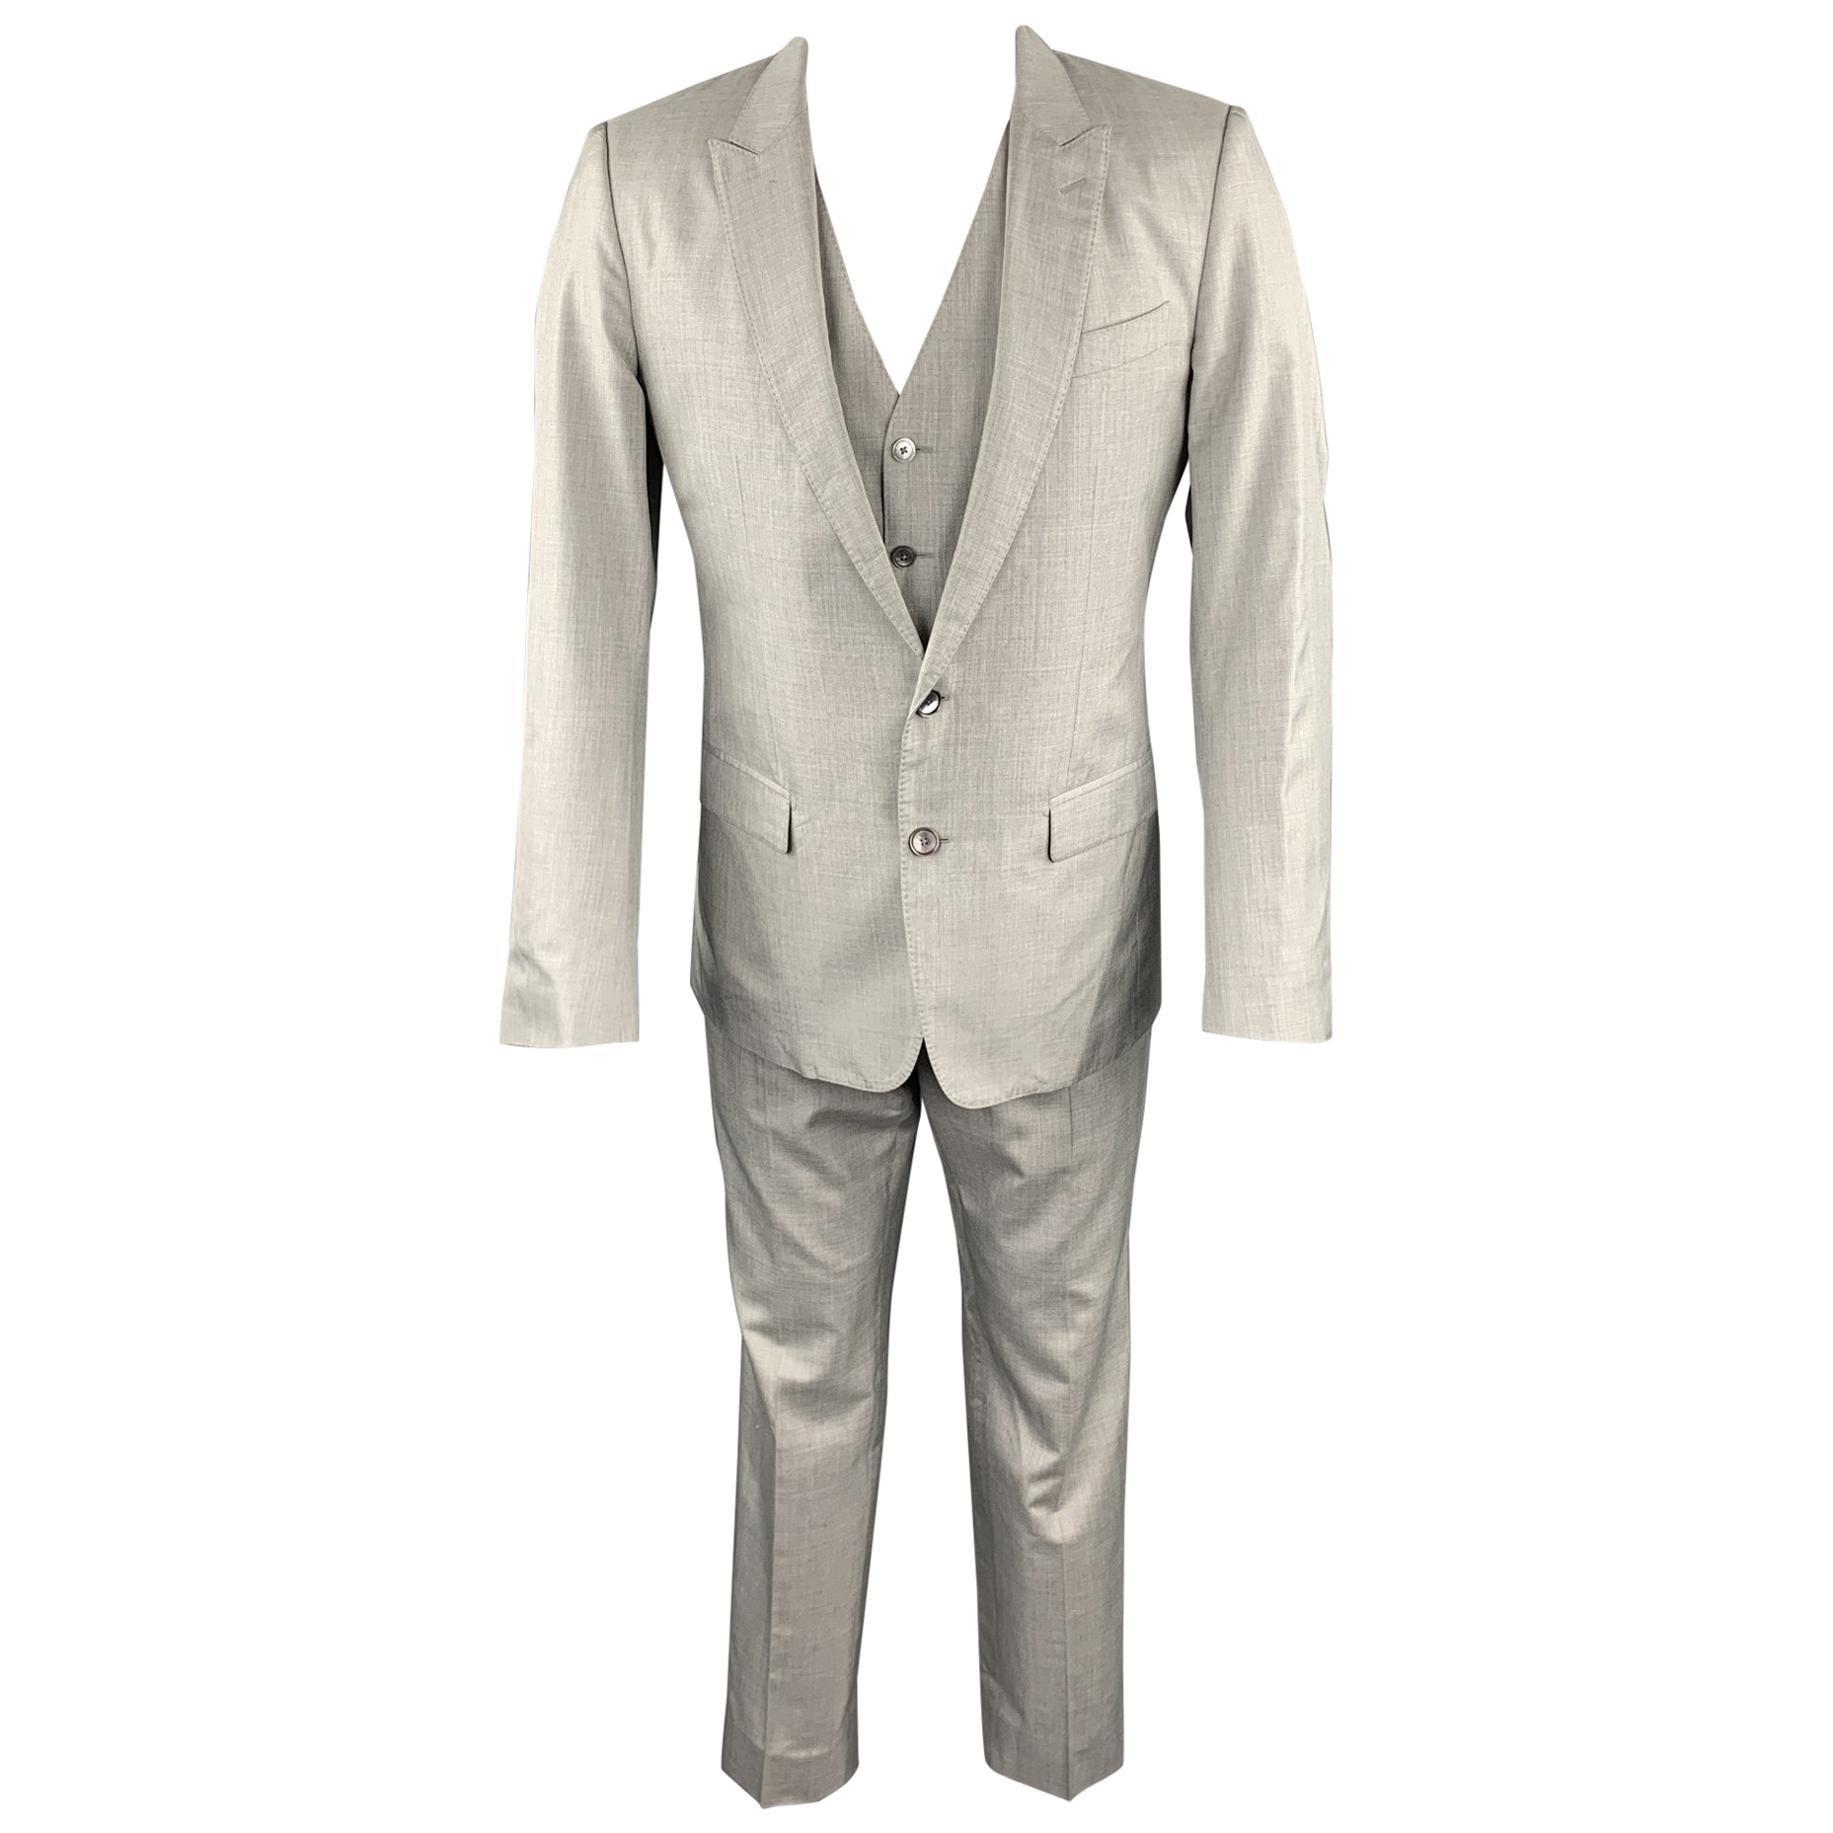 DOLCE & GABBANA Size 38 Regular Light Grey Silk Peak Lapel Suit